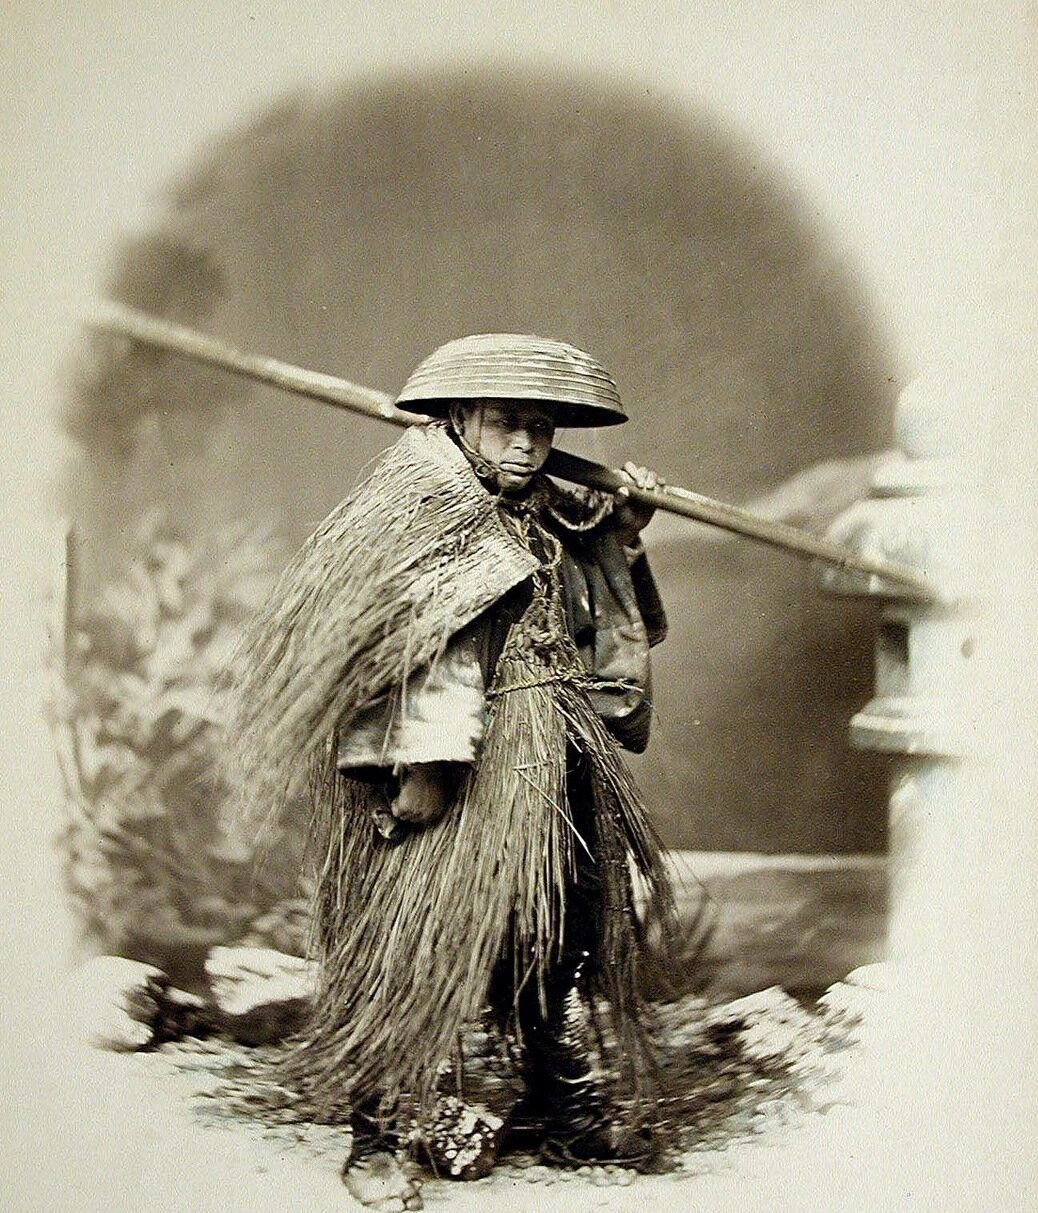 Носильщик в зимней одежде